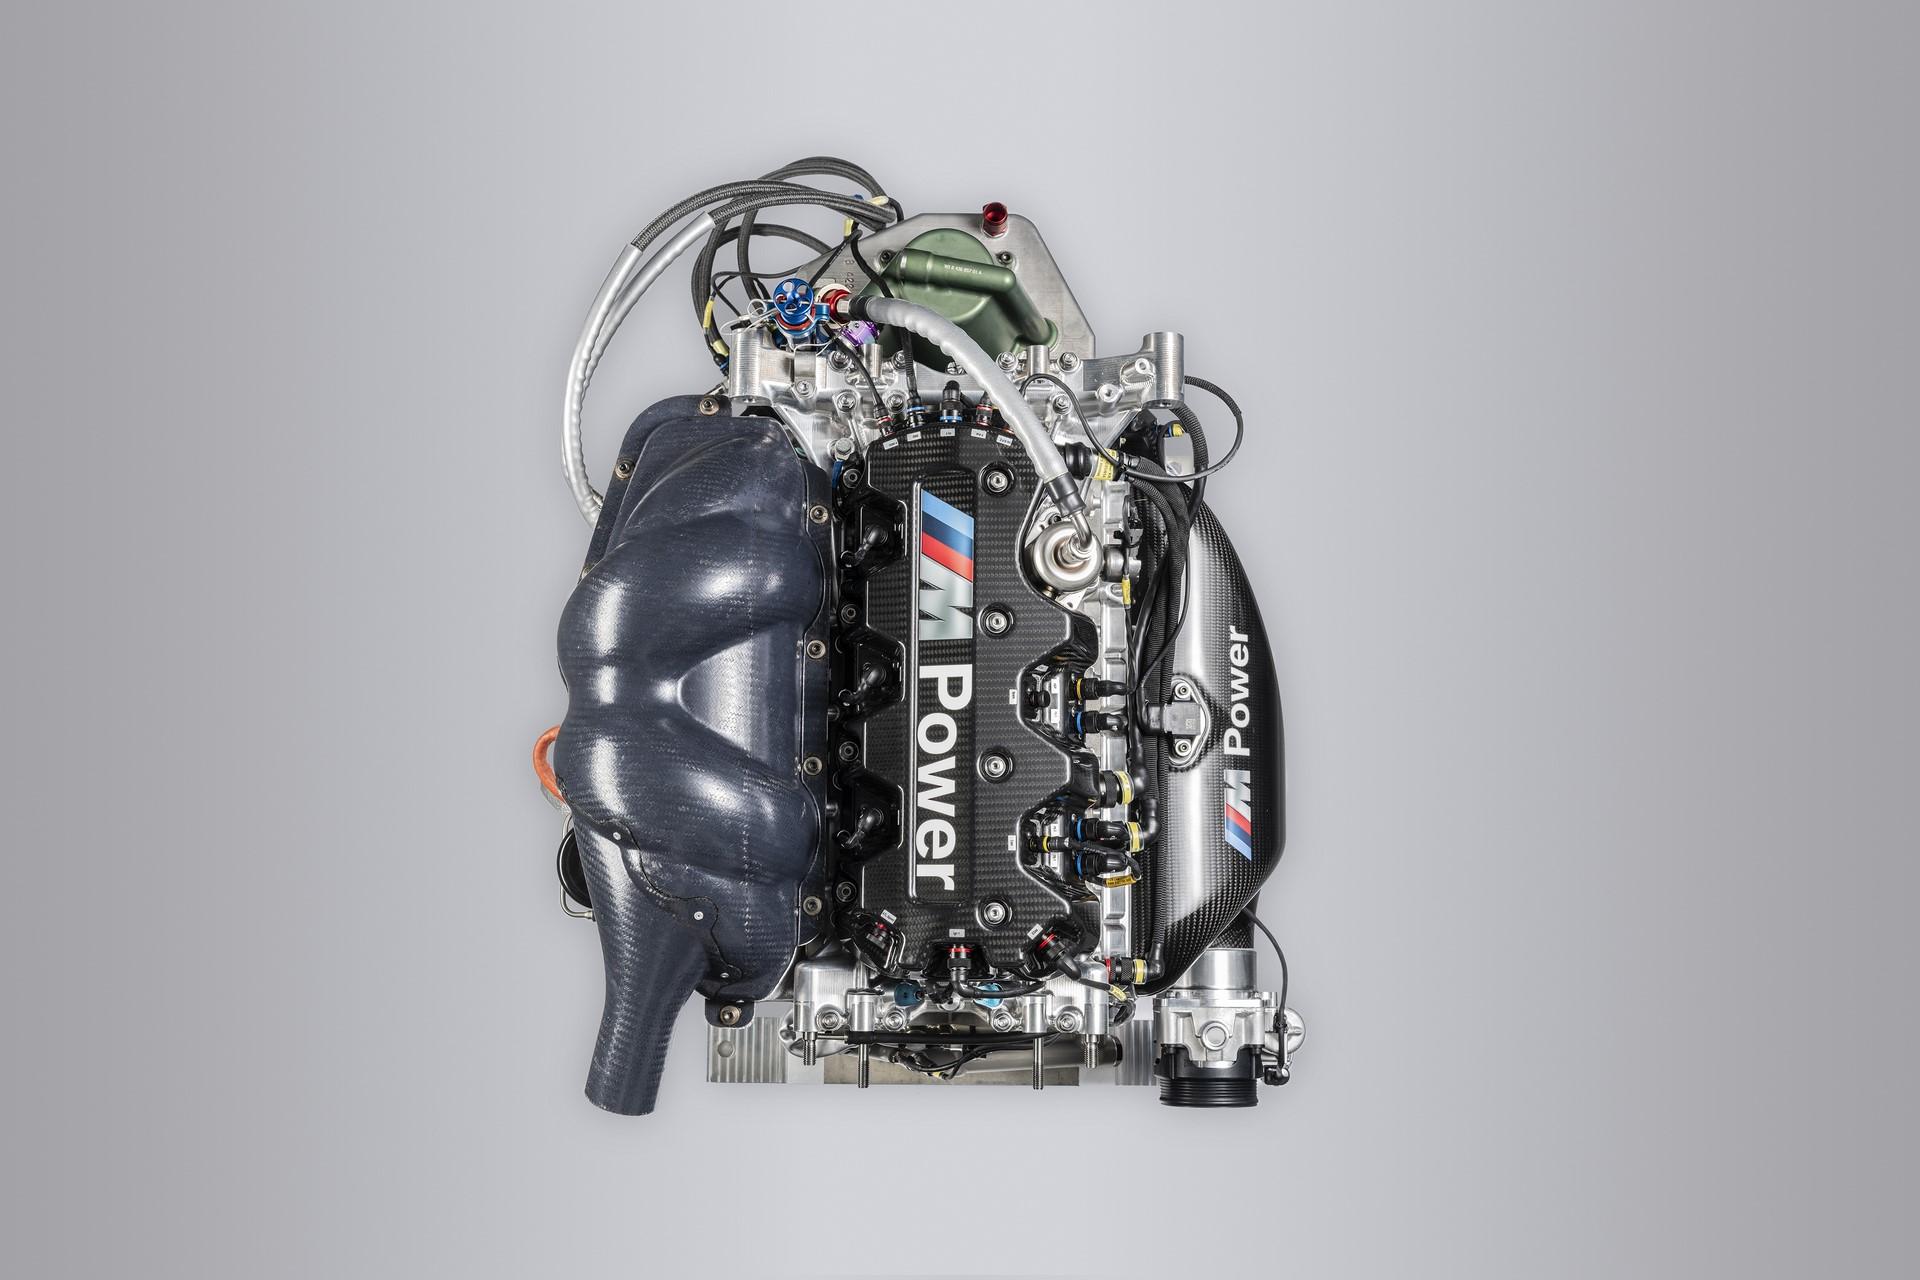 BMW M4 DTM Motor, 2002 Motor, Muenchen 27.03.2019 ©Martin Hangen/hangenfoto